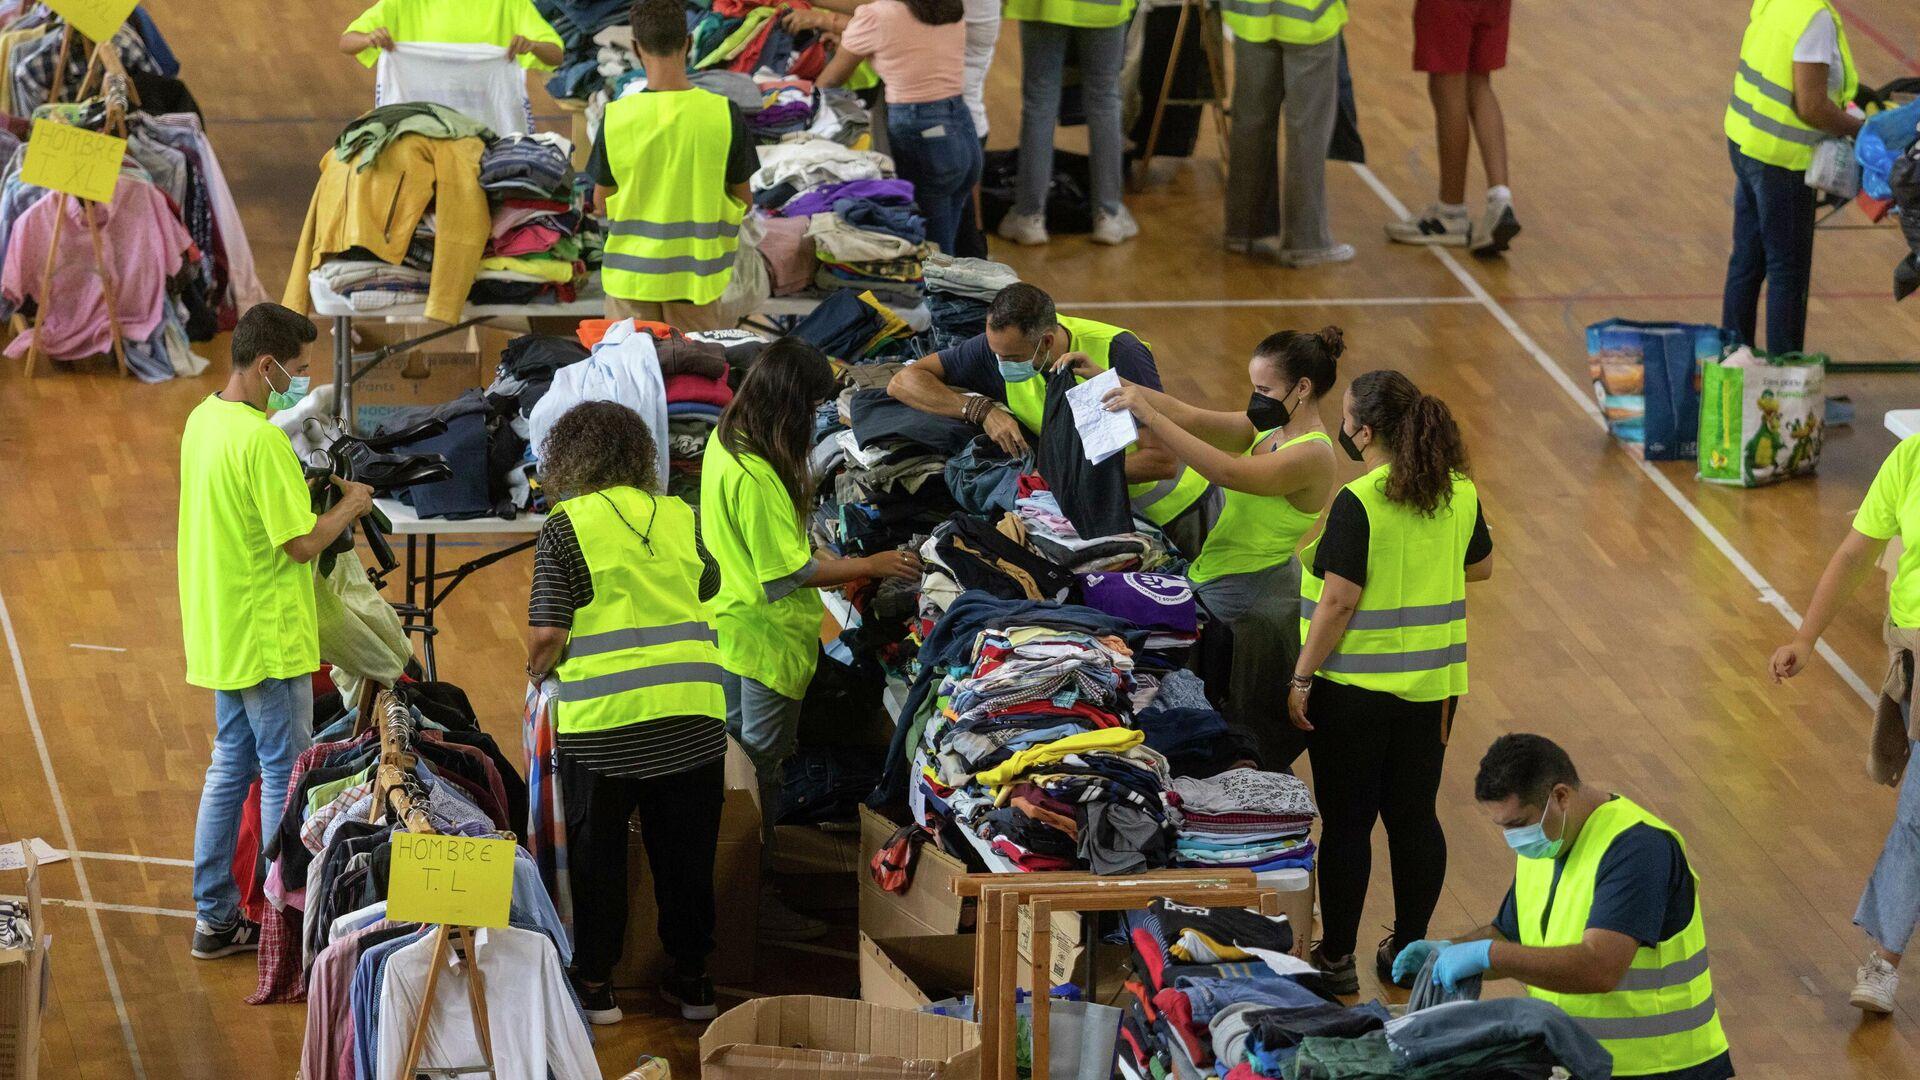 Voluntarios colaboran en la organización de las donaciones llegadas a La Palma - Sputnik Mundo, 1920, 27.09.2021